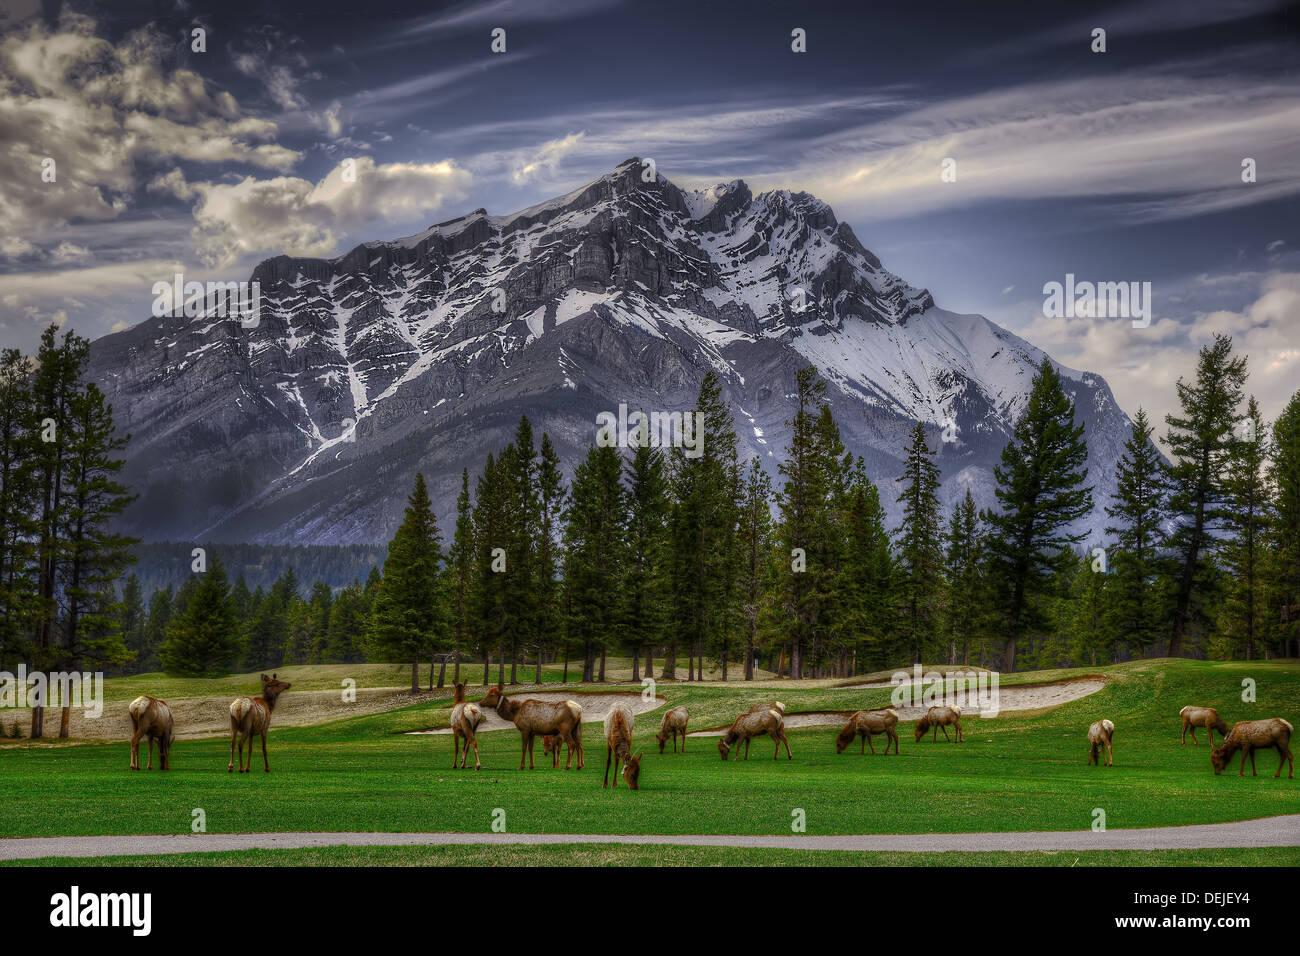 Le pâturage sur l'élan de golf, dans le parc national Banff, Alberta, Canada avec en arrière-plan se profilent des Montagnes Rocheuses Photo Stock